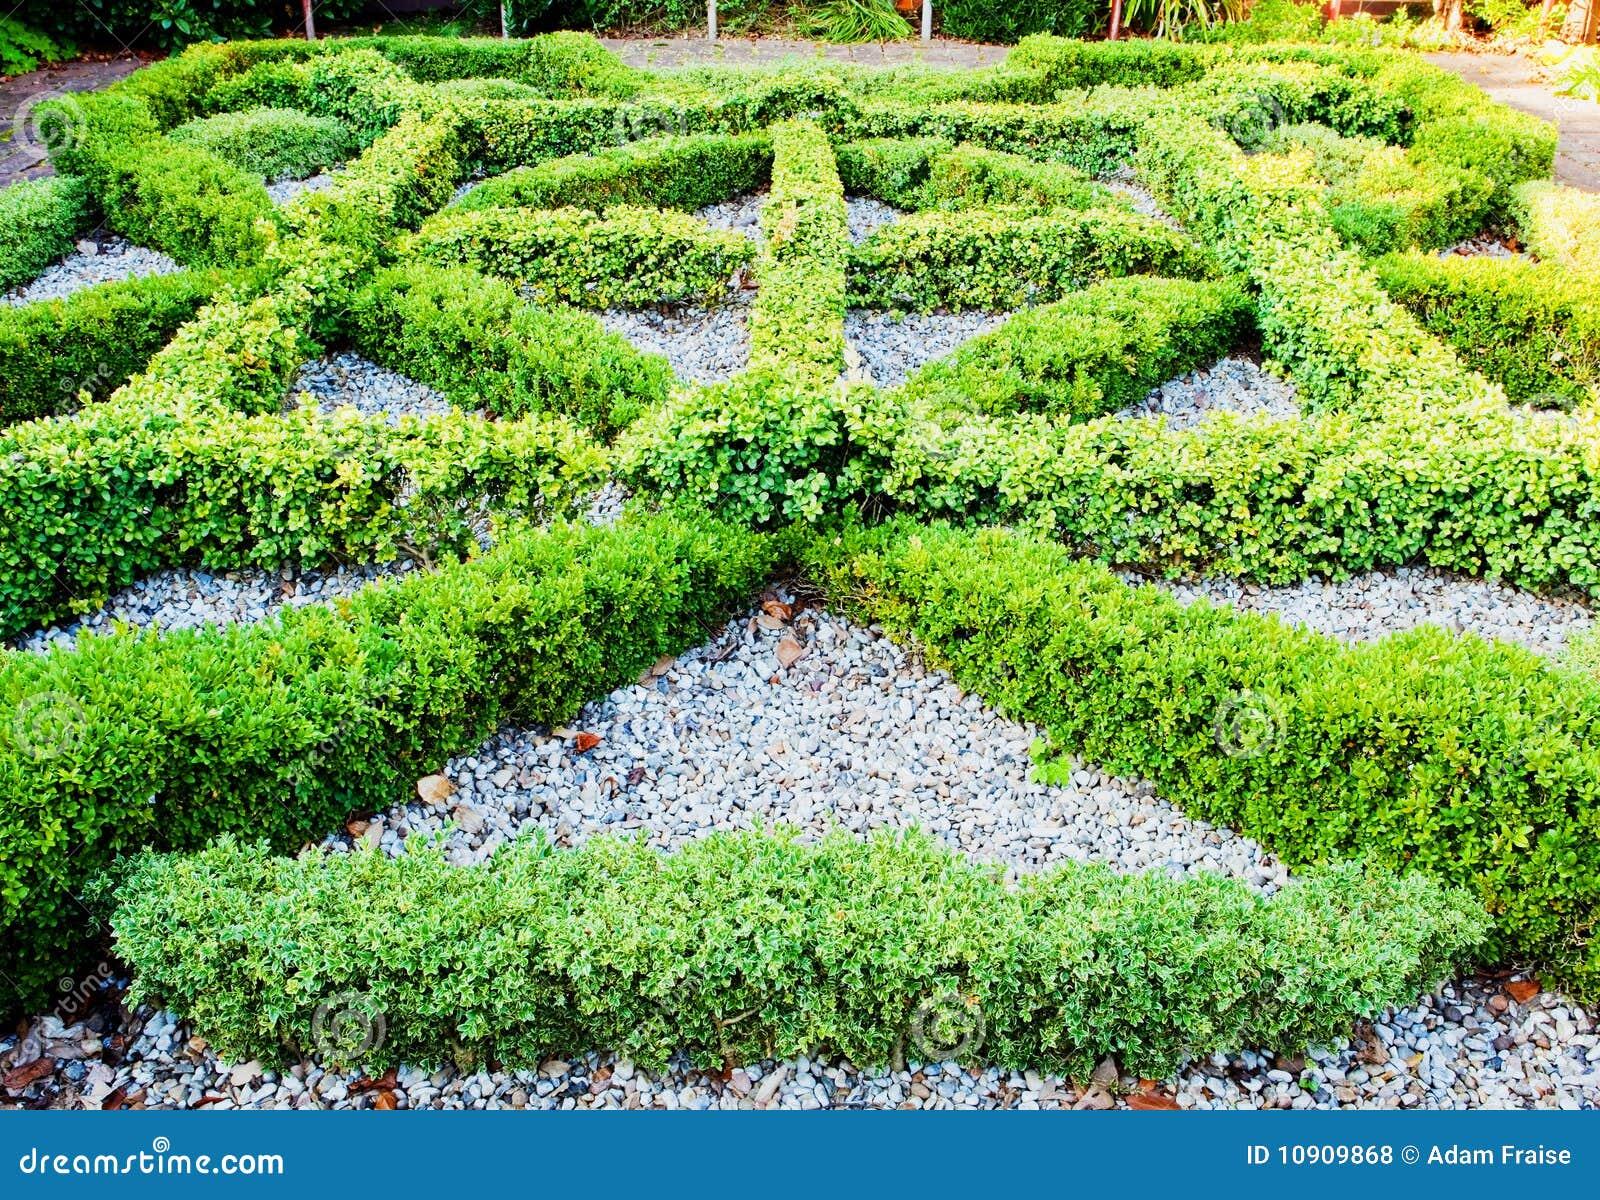 Knot garden royalty free stock photos image 10909868 for English knot garden designs